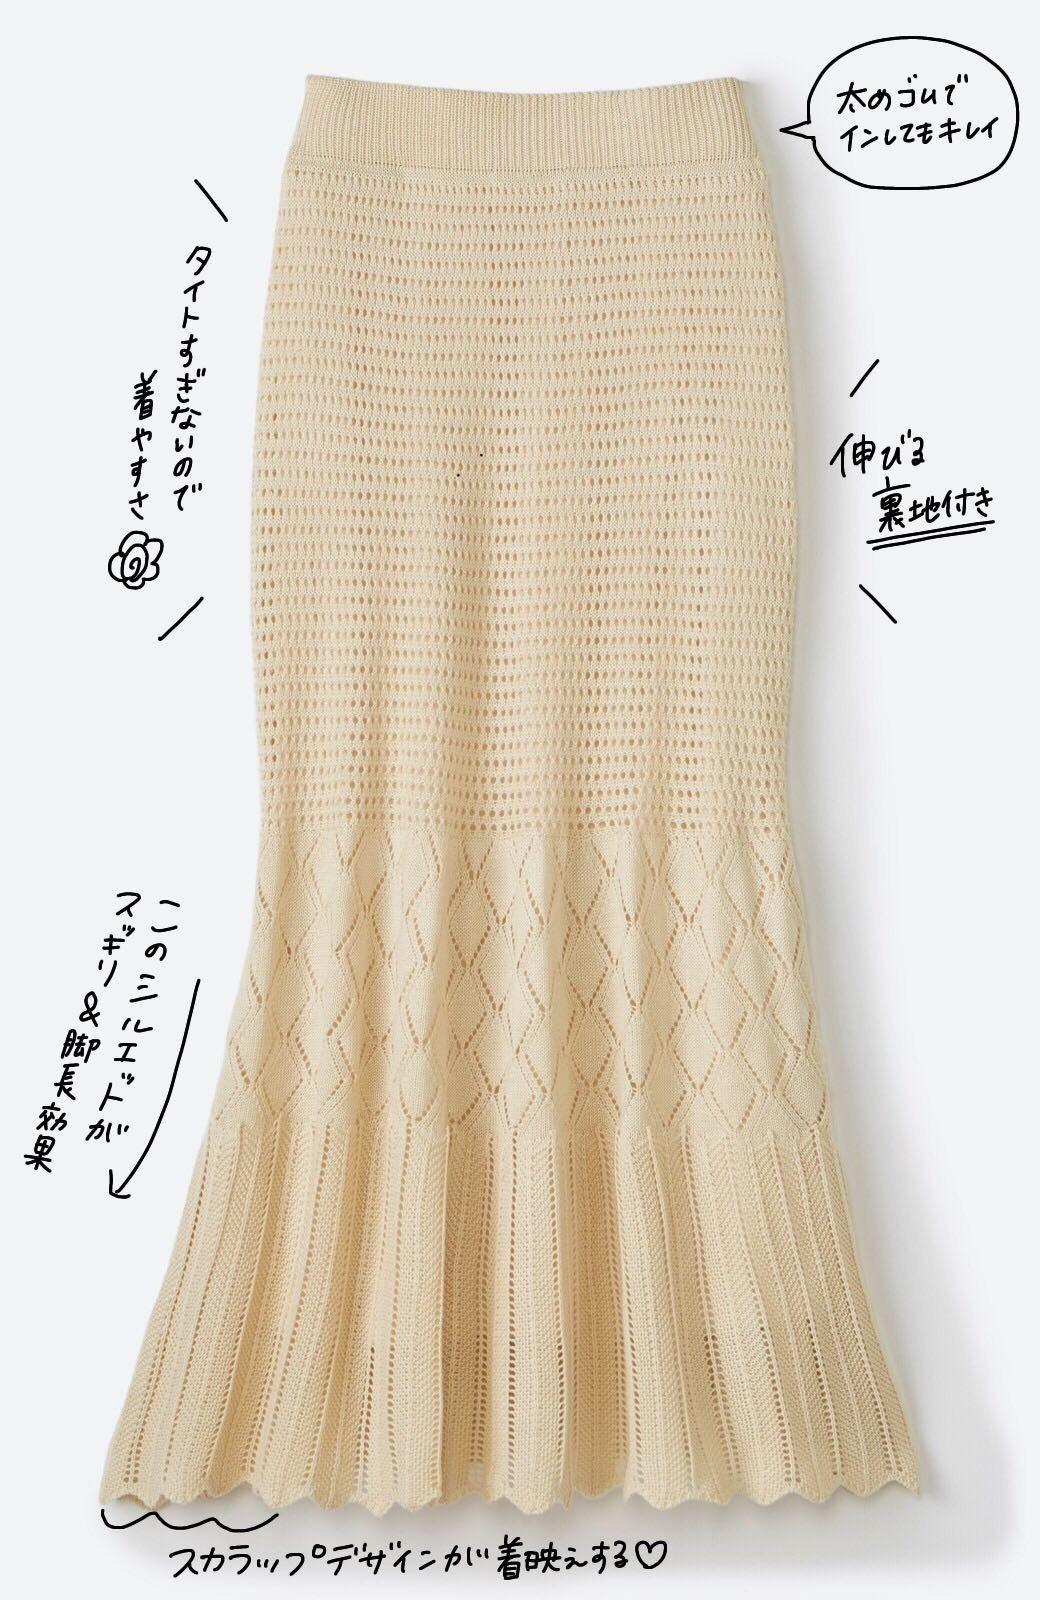 haco! 単品はもちろん重ね着してもかわいさが増す!透かし編みマーメイドスカート <アイボリー>の商品写真6